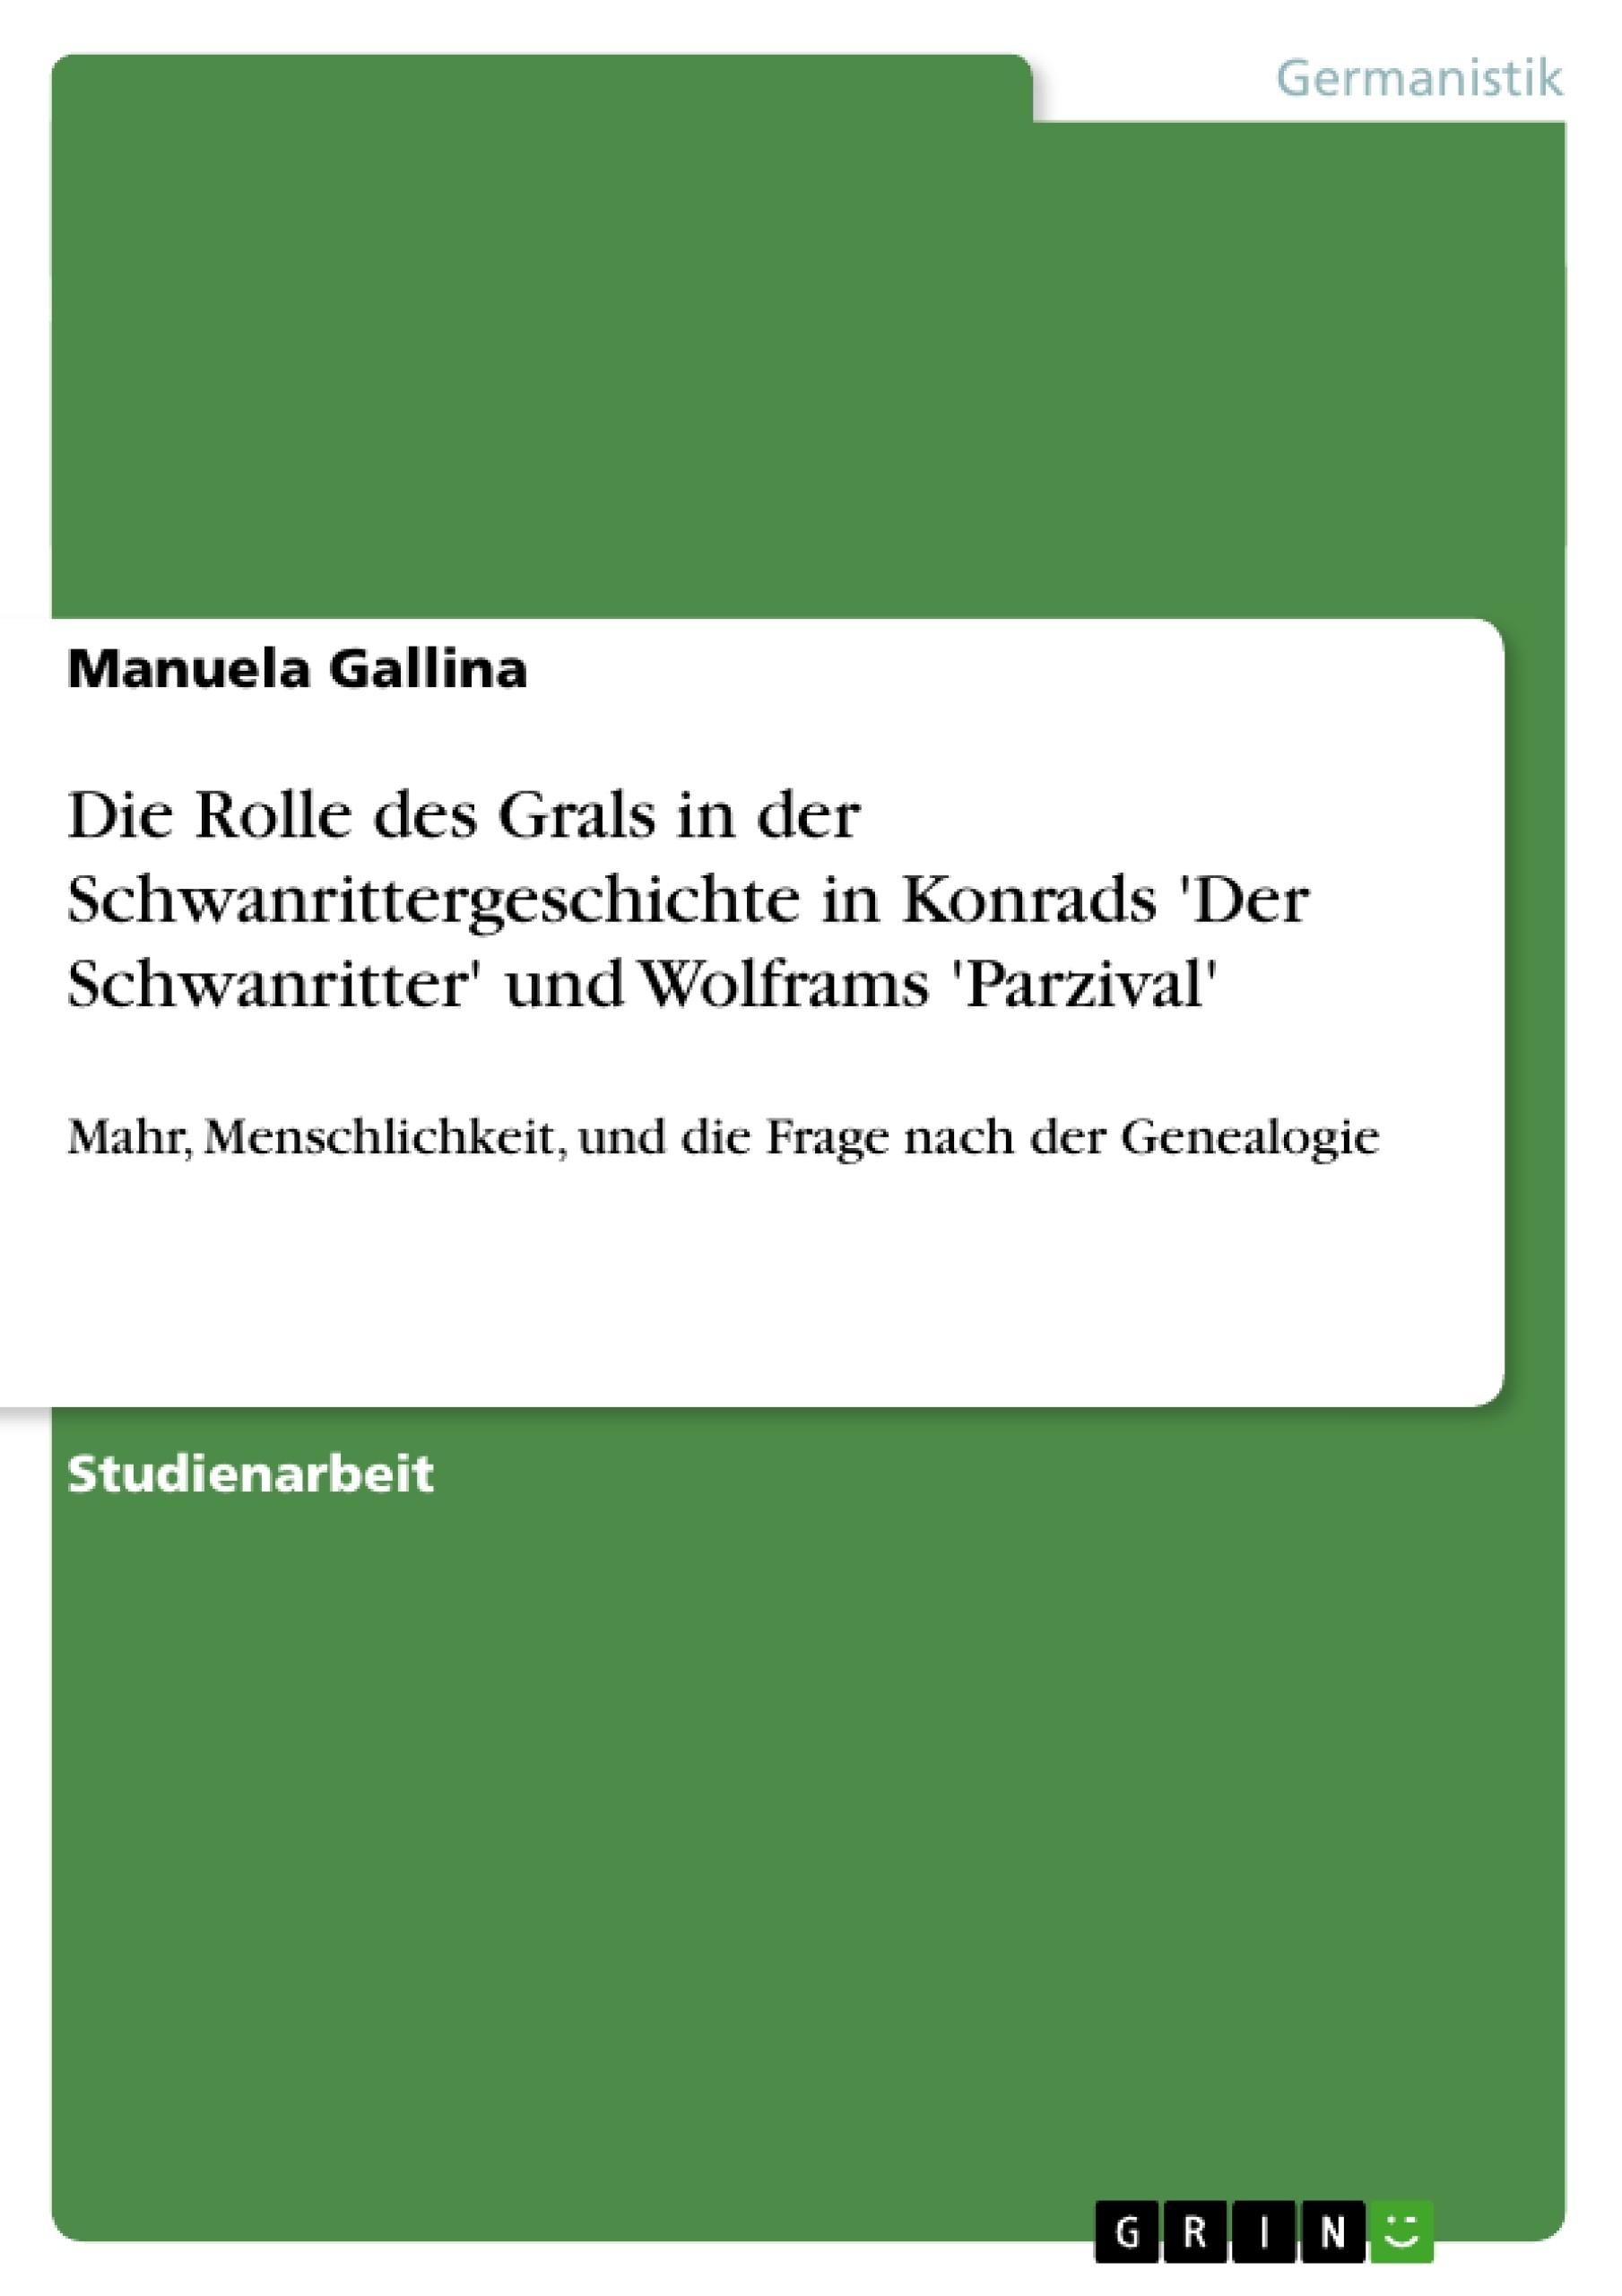 Titel: Die Rolle des Grals in der Schwanrittergeschichte in Konrads 'Der Schwanritter' und Wolframs 'Parzival'